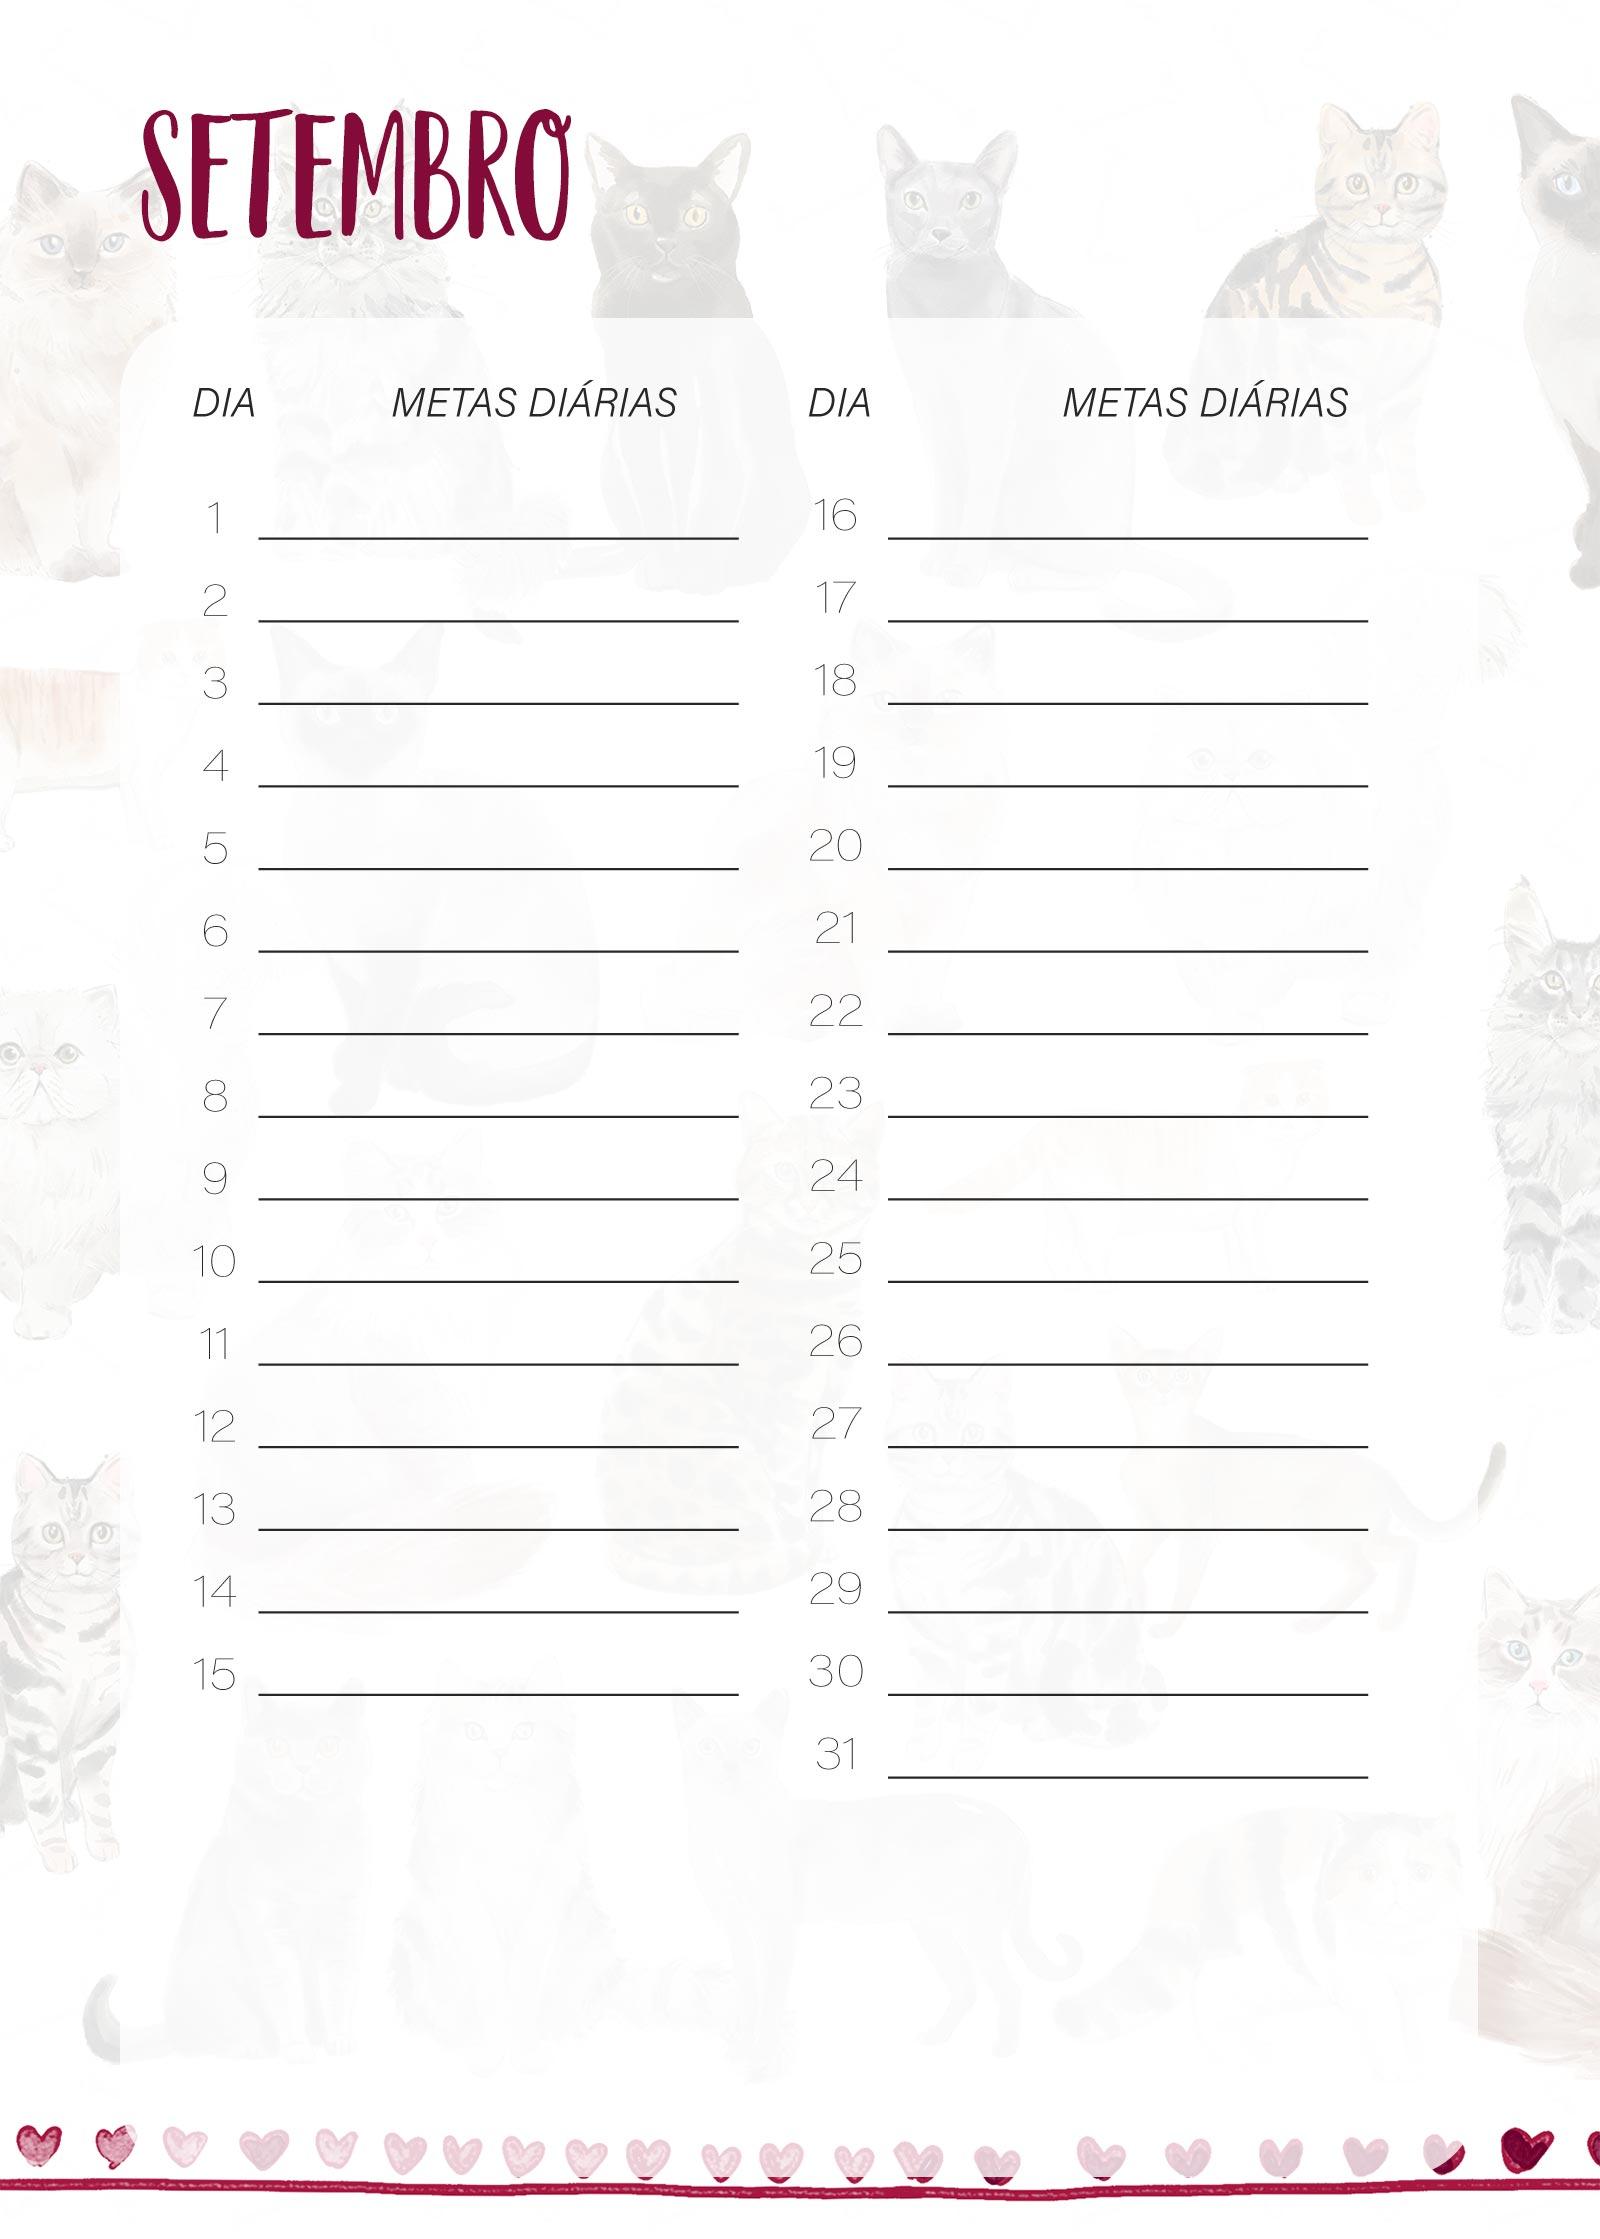 Planner Gatinhos Metas Diarias Setembro